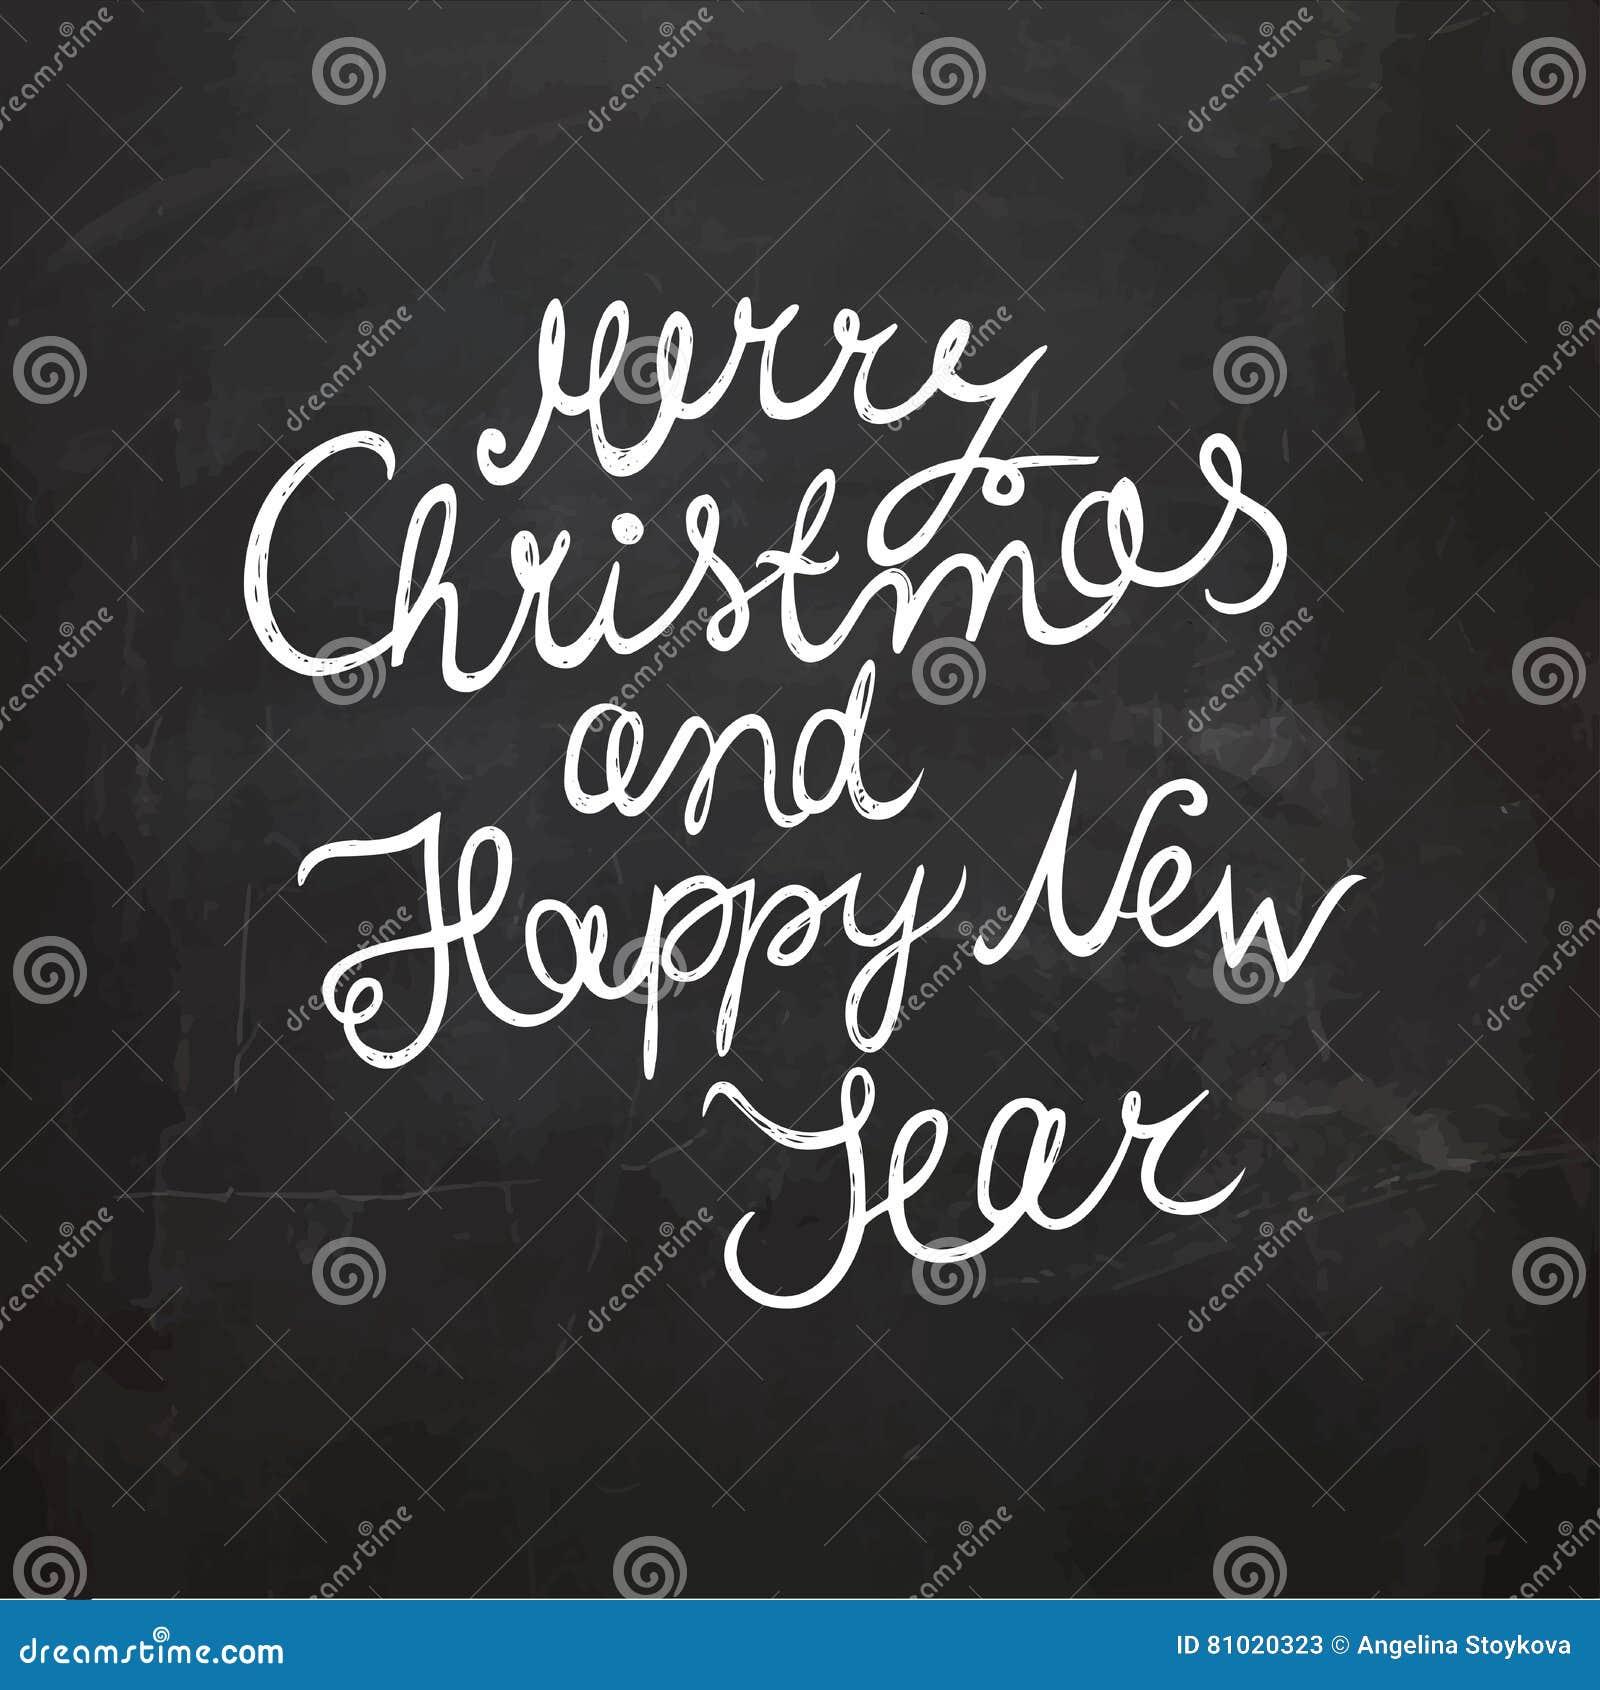 Tafel-Weihnachten Und Neues Jahr-Wunsch Handgeschriebene ...